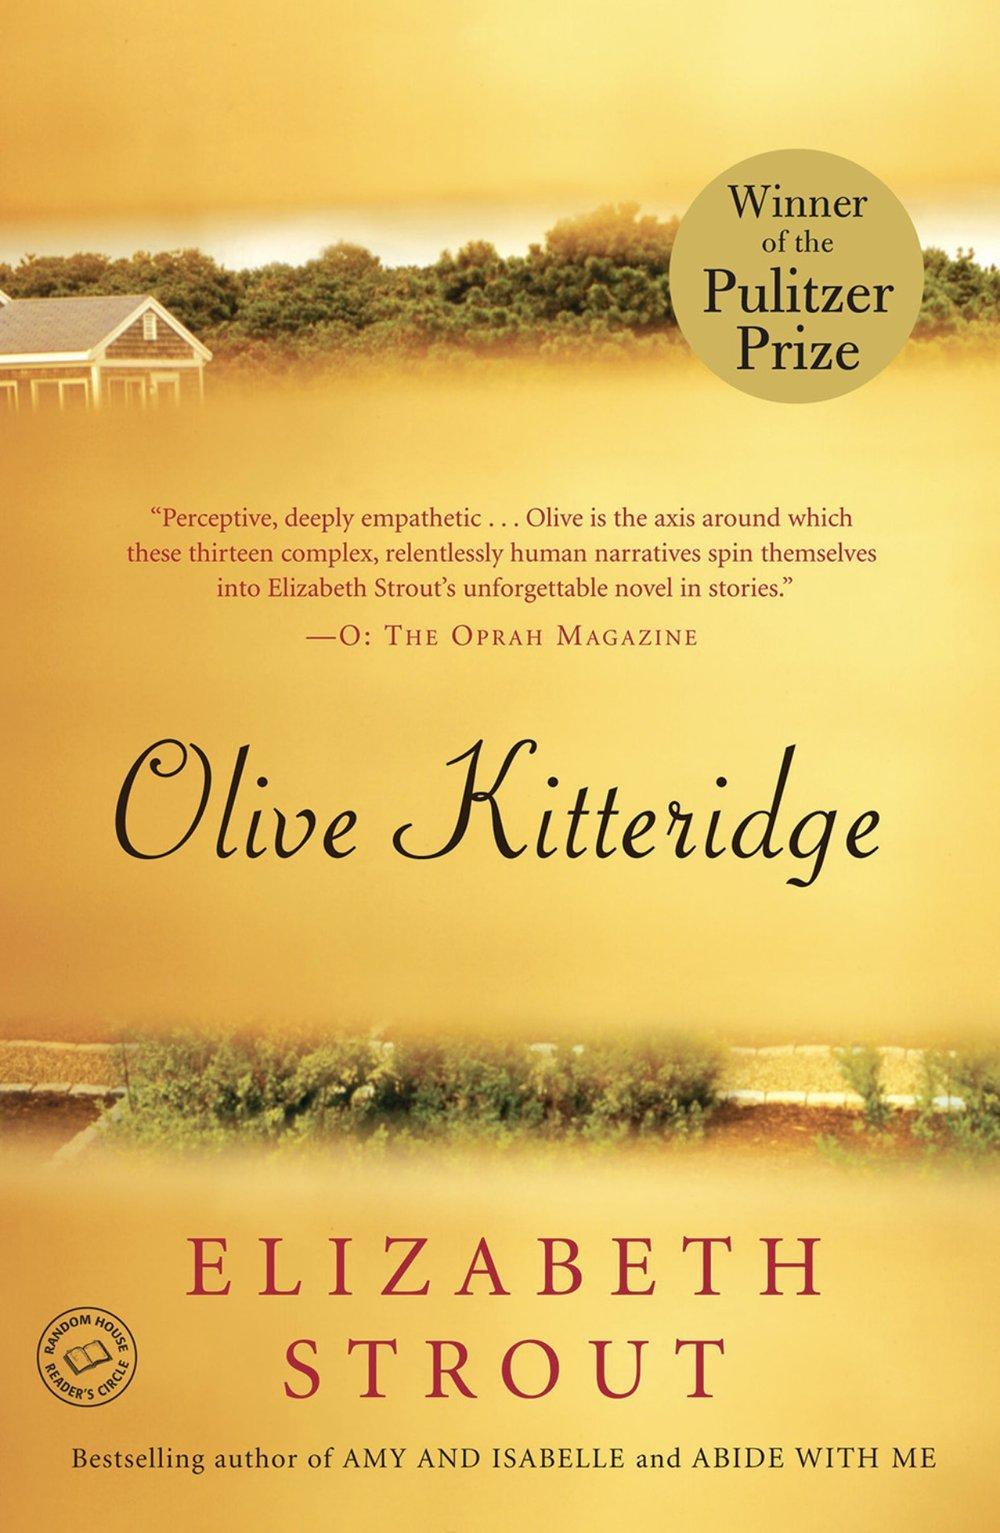 Olive Kitteridge - by Elizabeth Strout